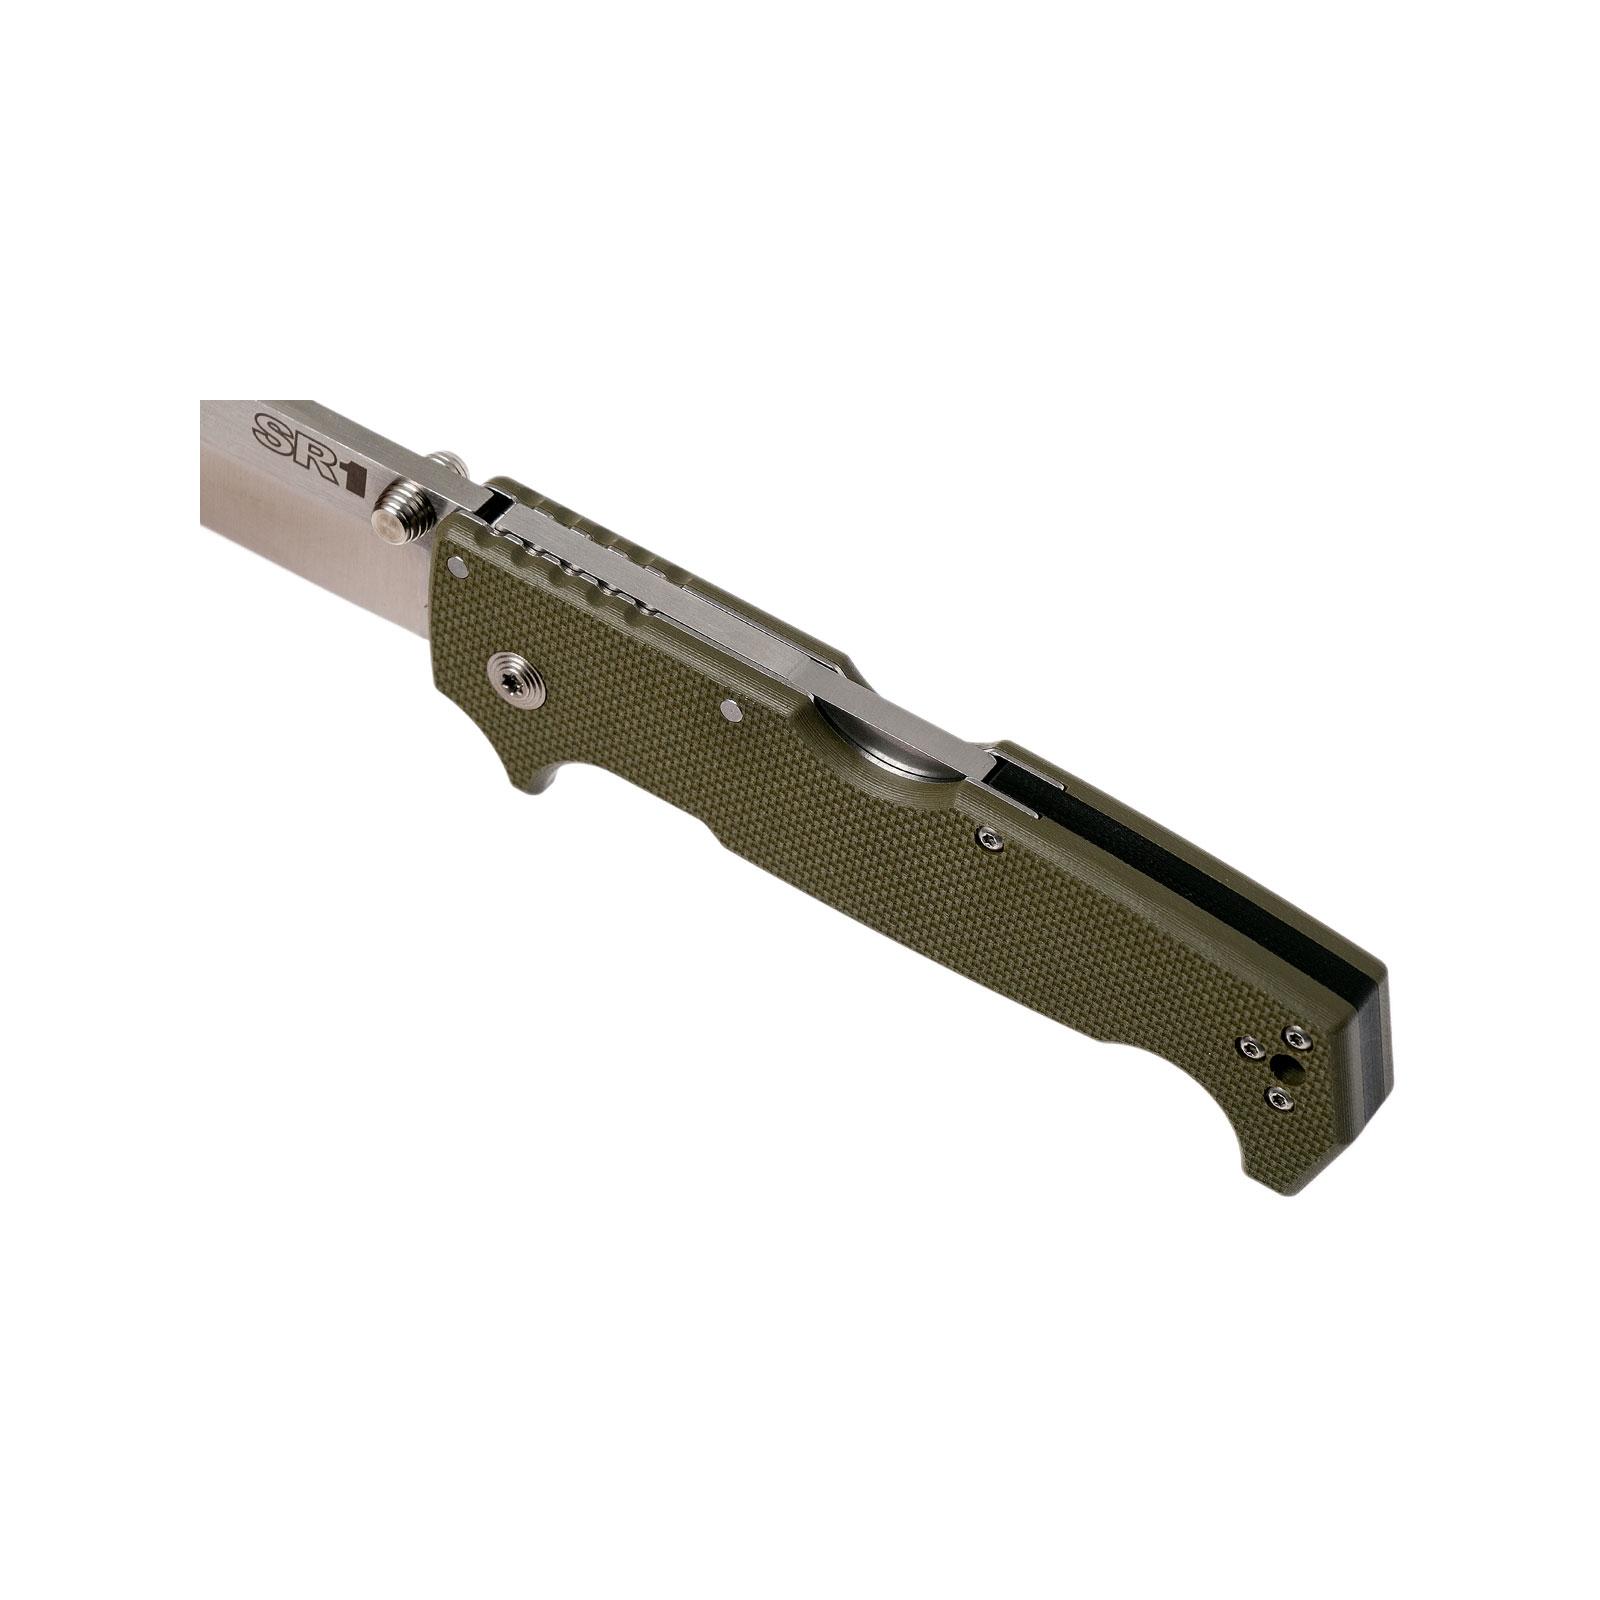 Нож Cold Steel SR1 (62L) изображение 4